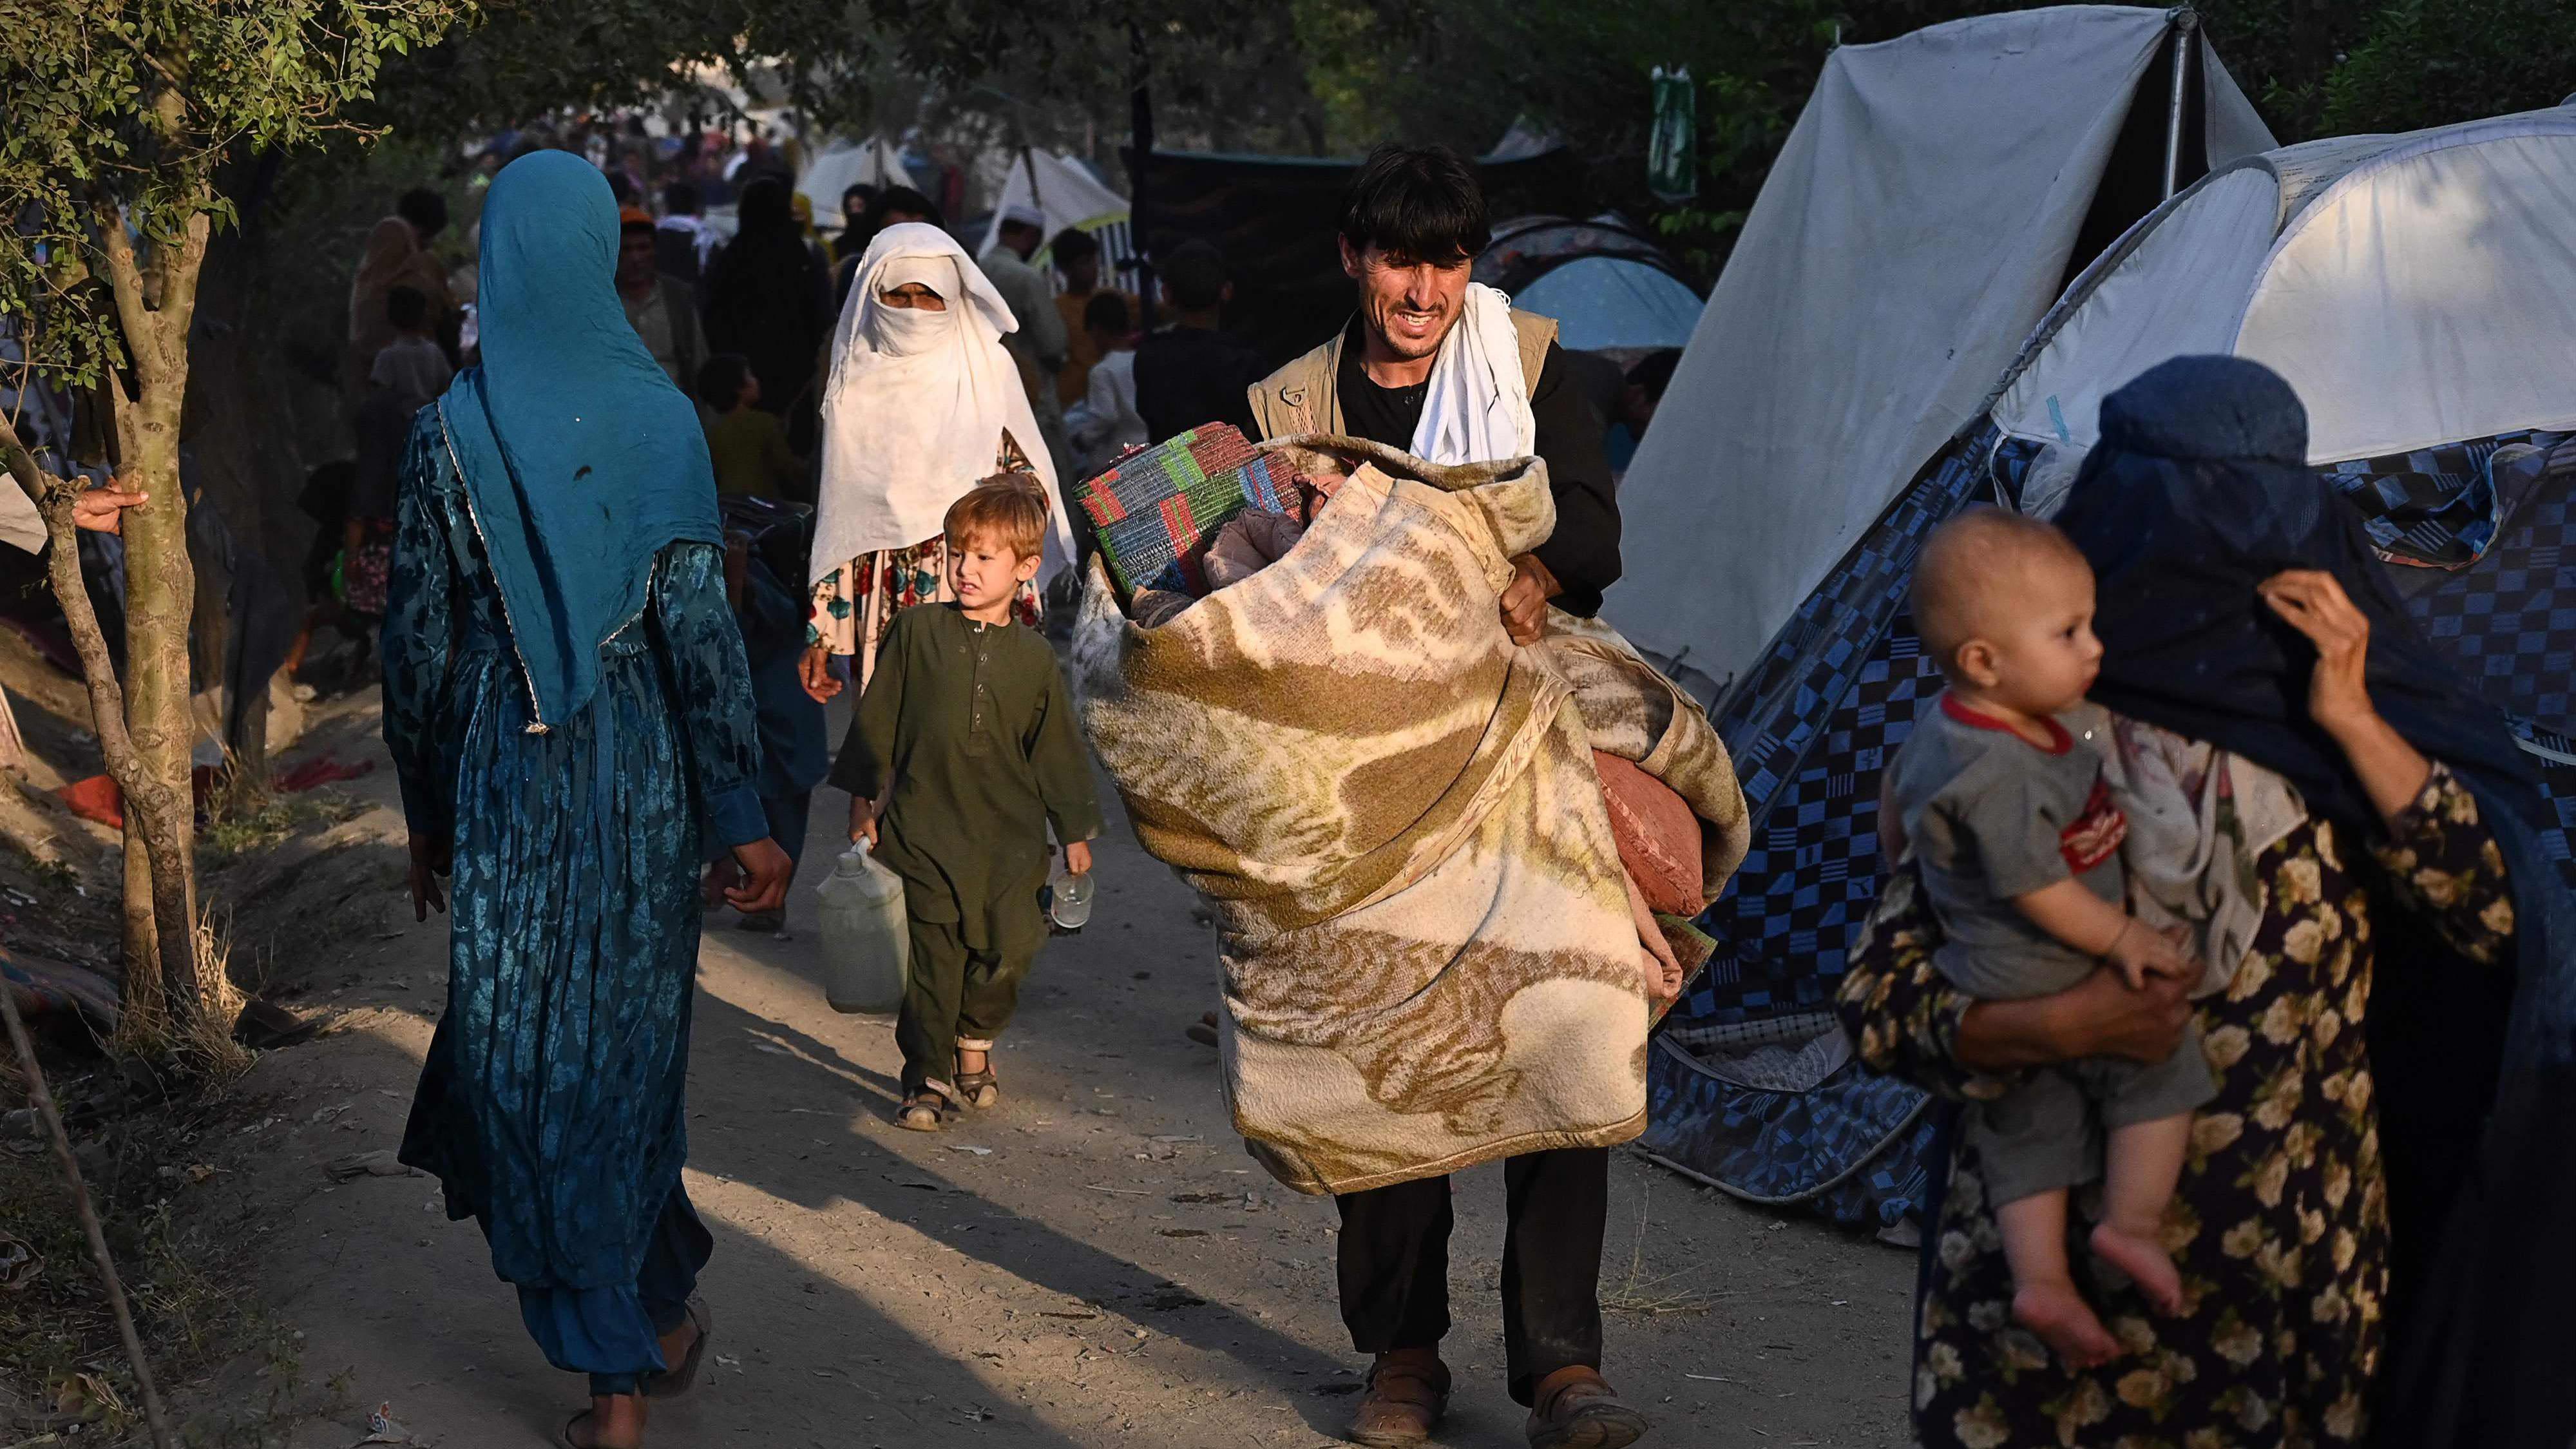 Ihmisiä, jotka ovat joutuneet pakenemaan kodeistaan, kävelemässä väliaikaisten telttamajoitusten ohi.